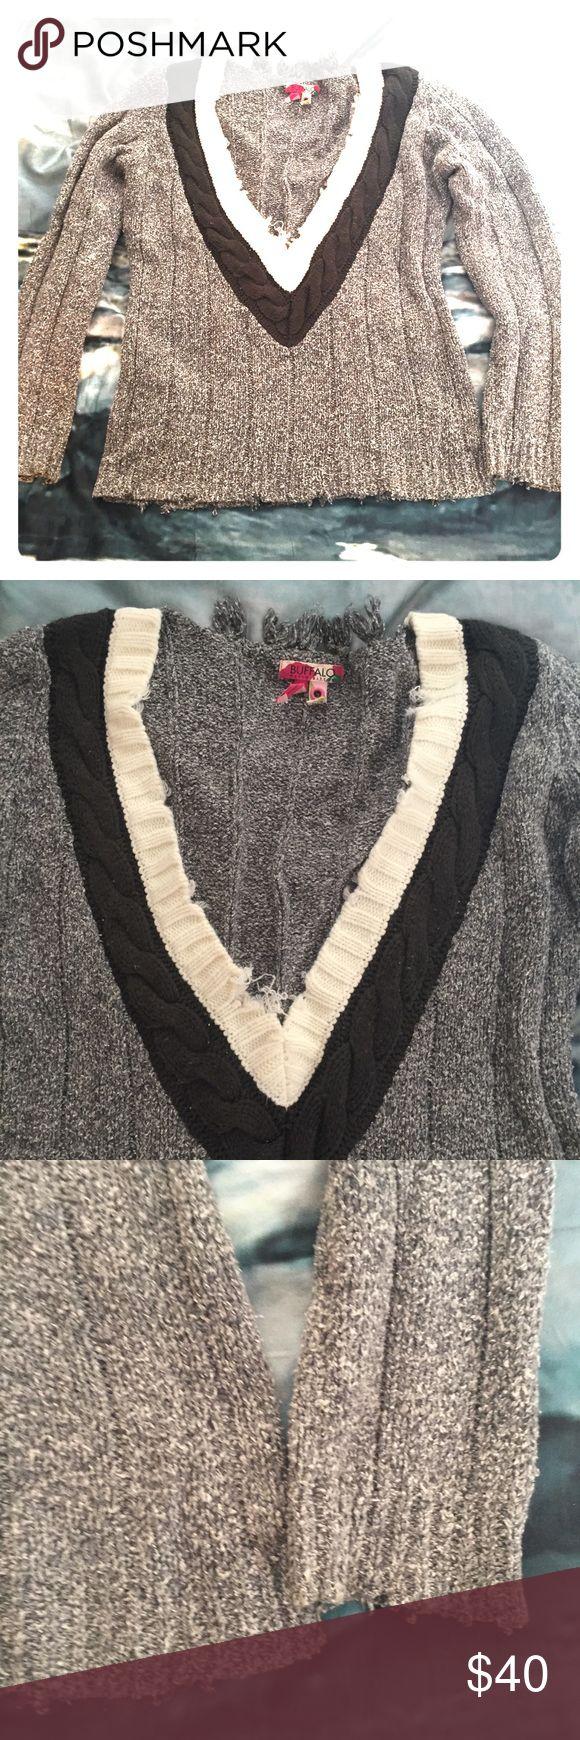 Best 25  Boyfriend sweater ideas on Pinterest | Urban outfitters ...